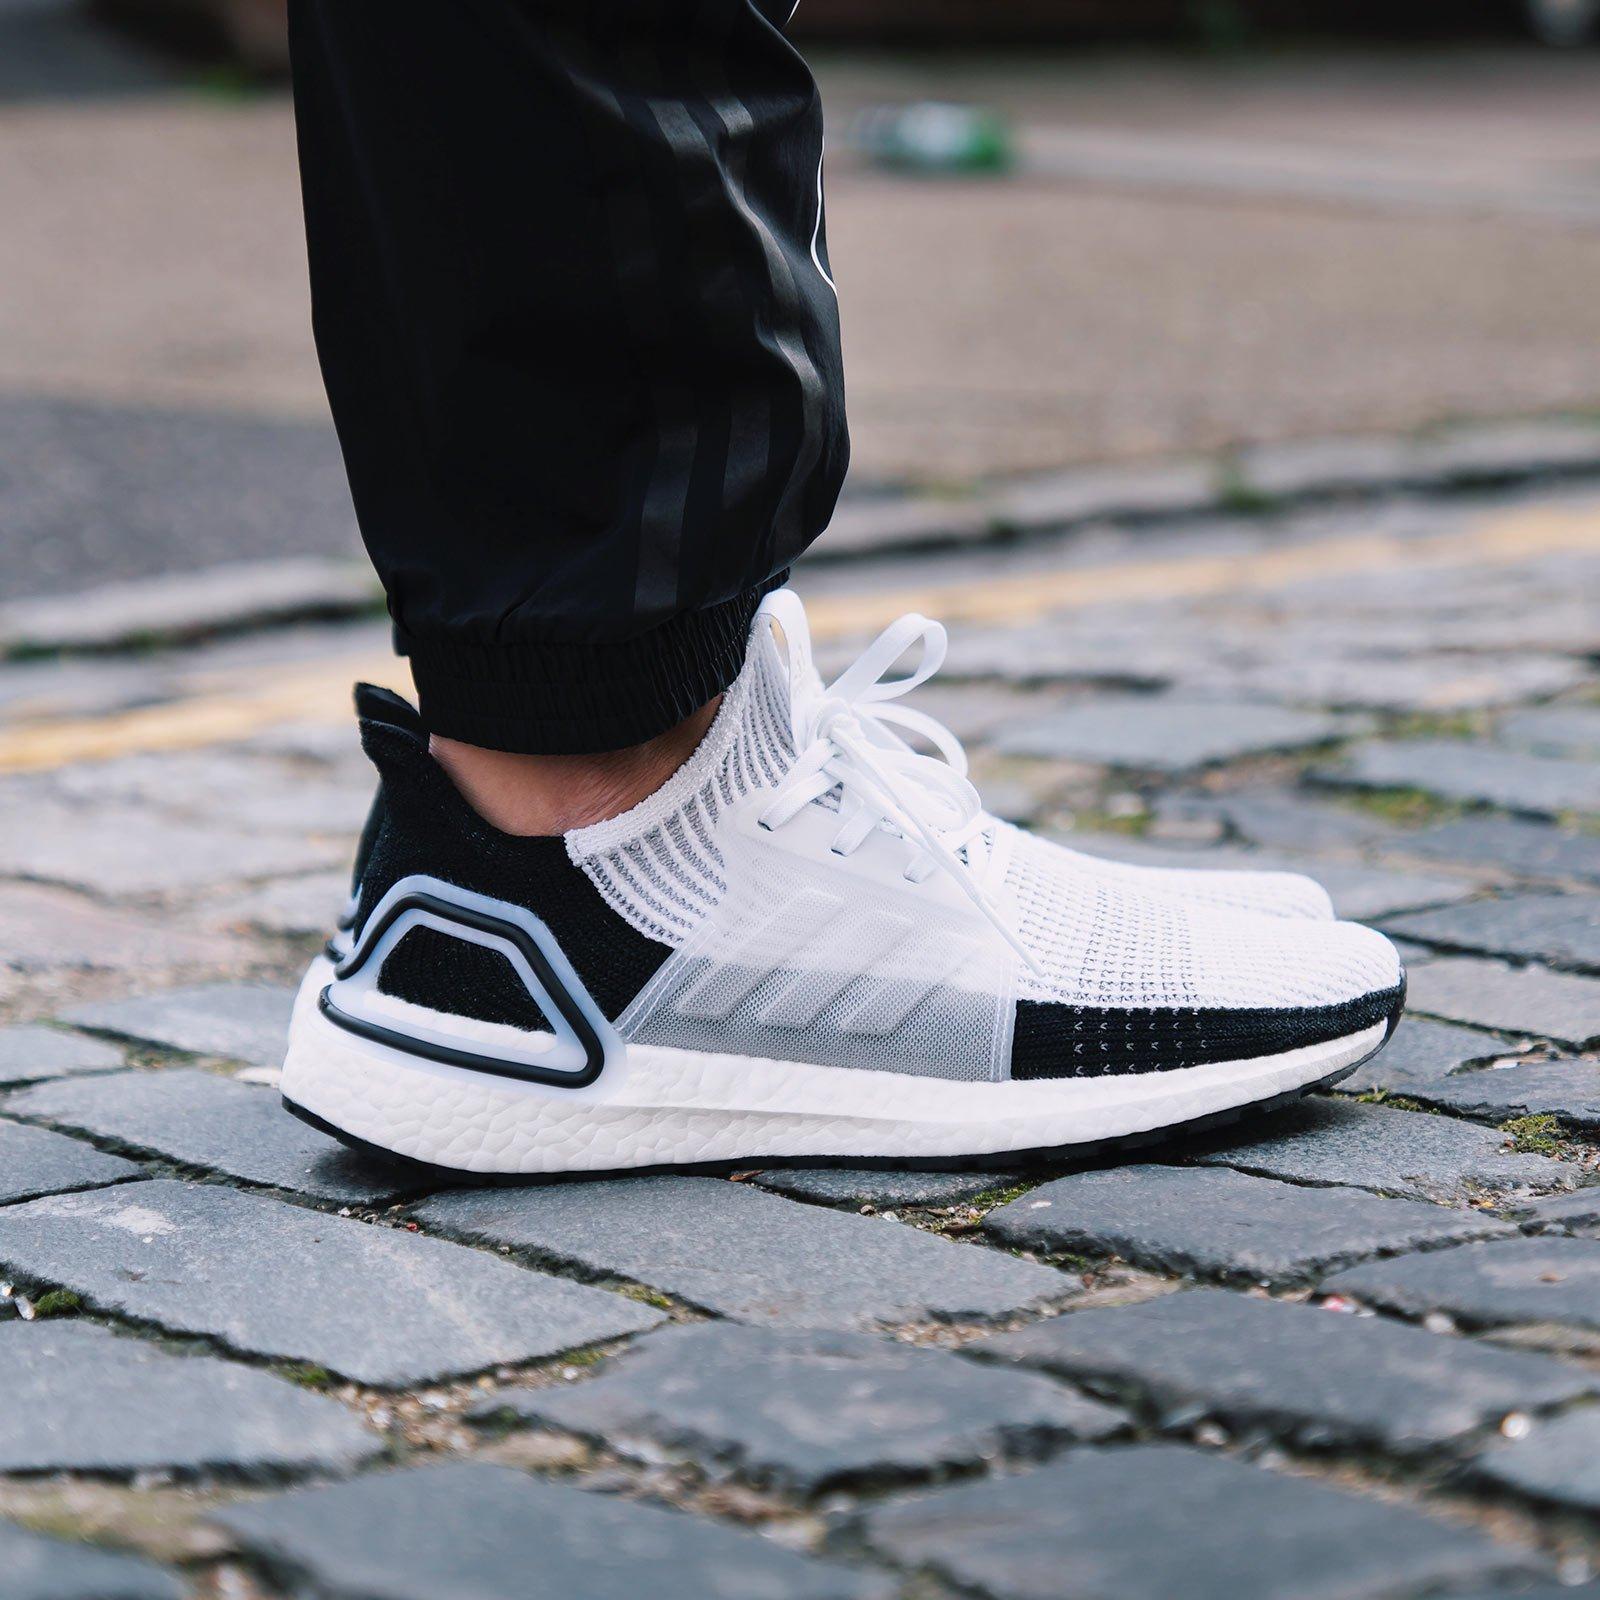 Adidas Ultraboost 19 B37707 Sneakersnstuff Sneakers